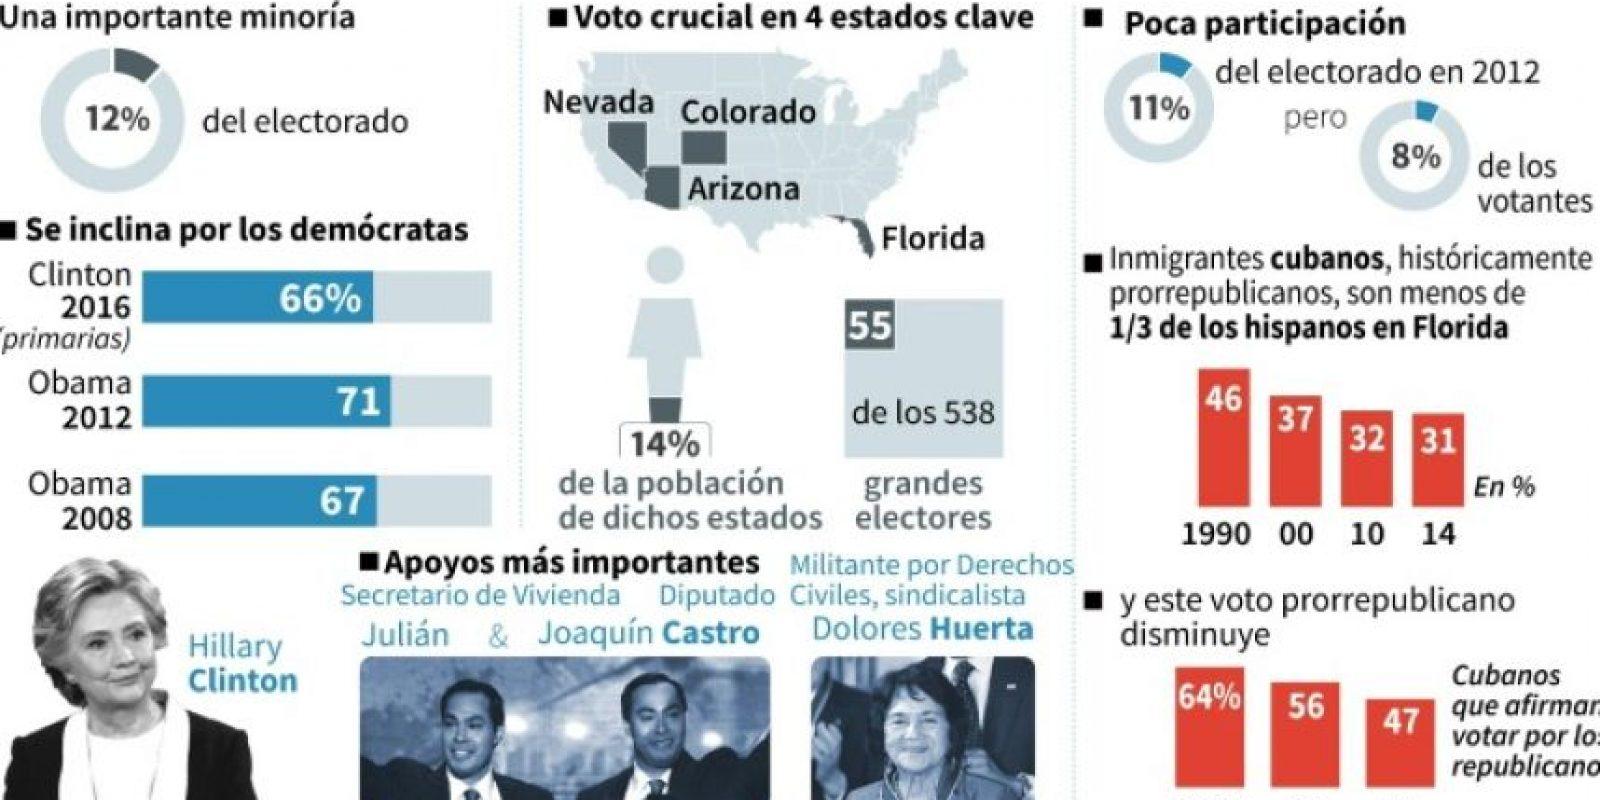 El voto de los hispanos en la presidencial de EEUU Foto:Christopher HUFFAKER, Sabrina BLANCHARD/afp.com